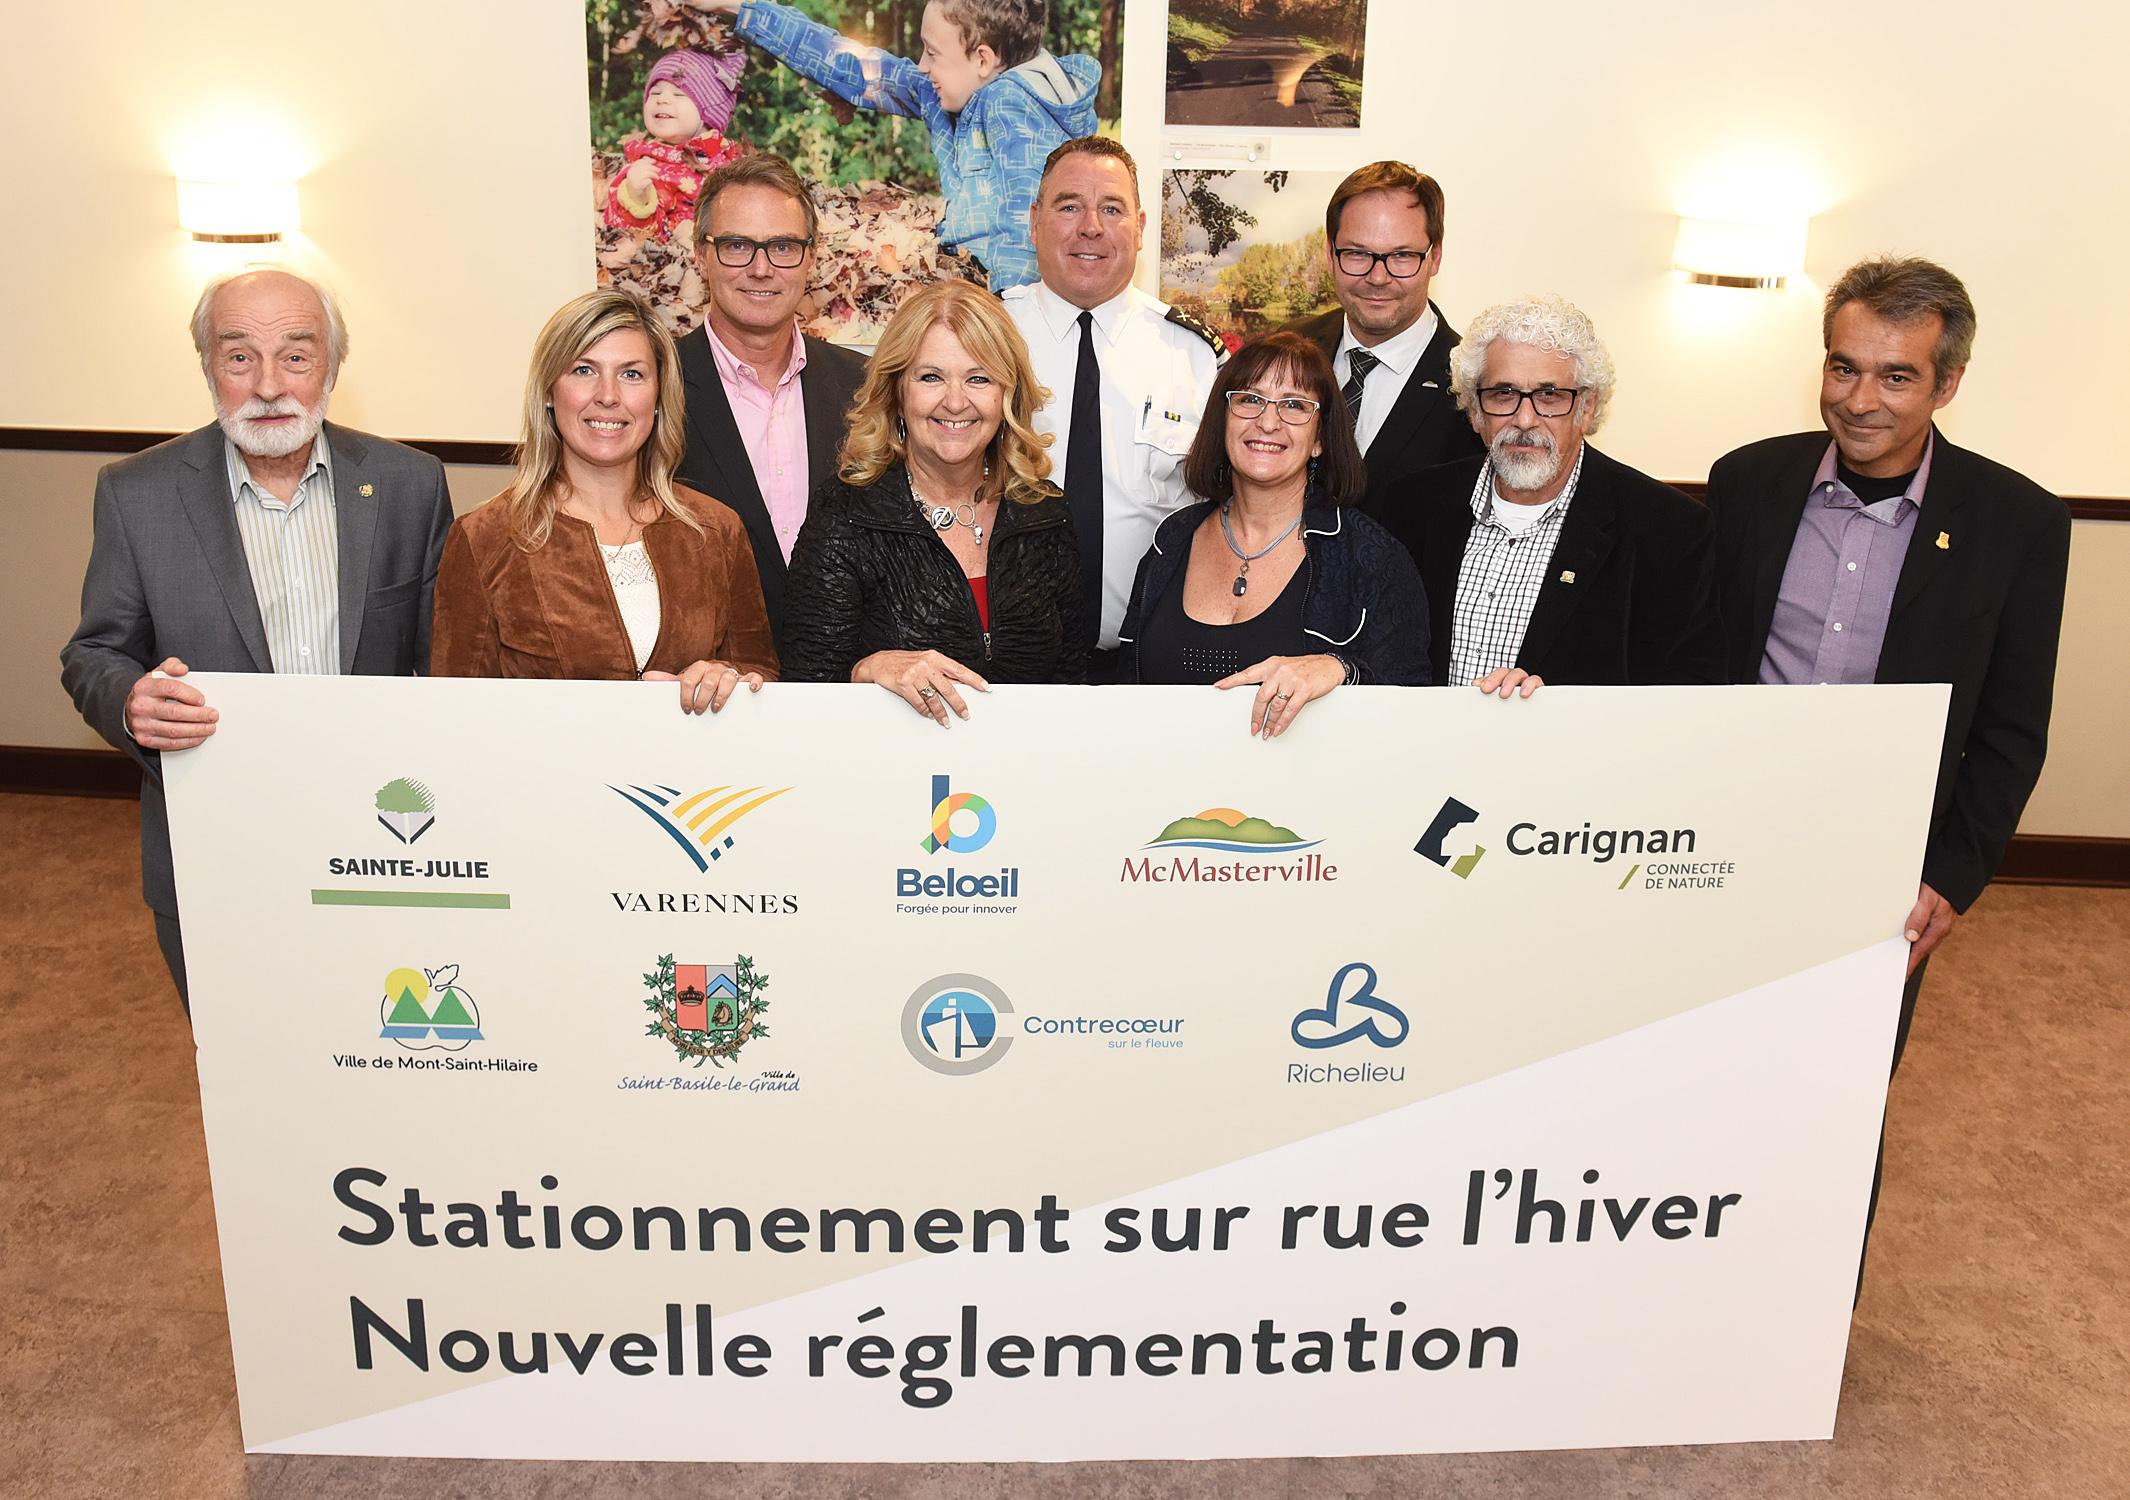 À Contrecœur, Sainte-Julie et Varennes: assouplissement du règlement pour le stationnement hivernal la nuit